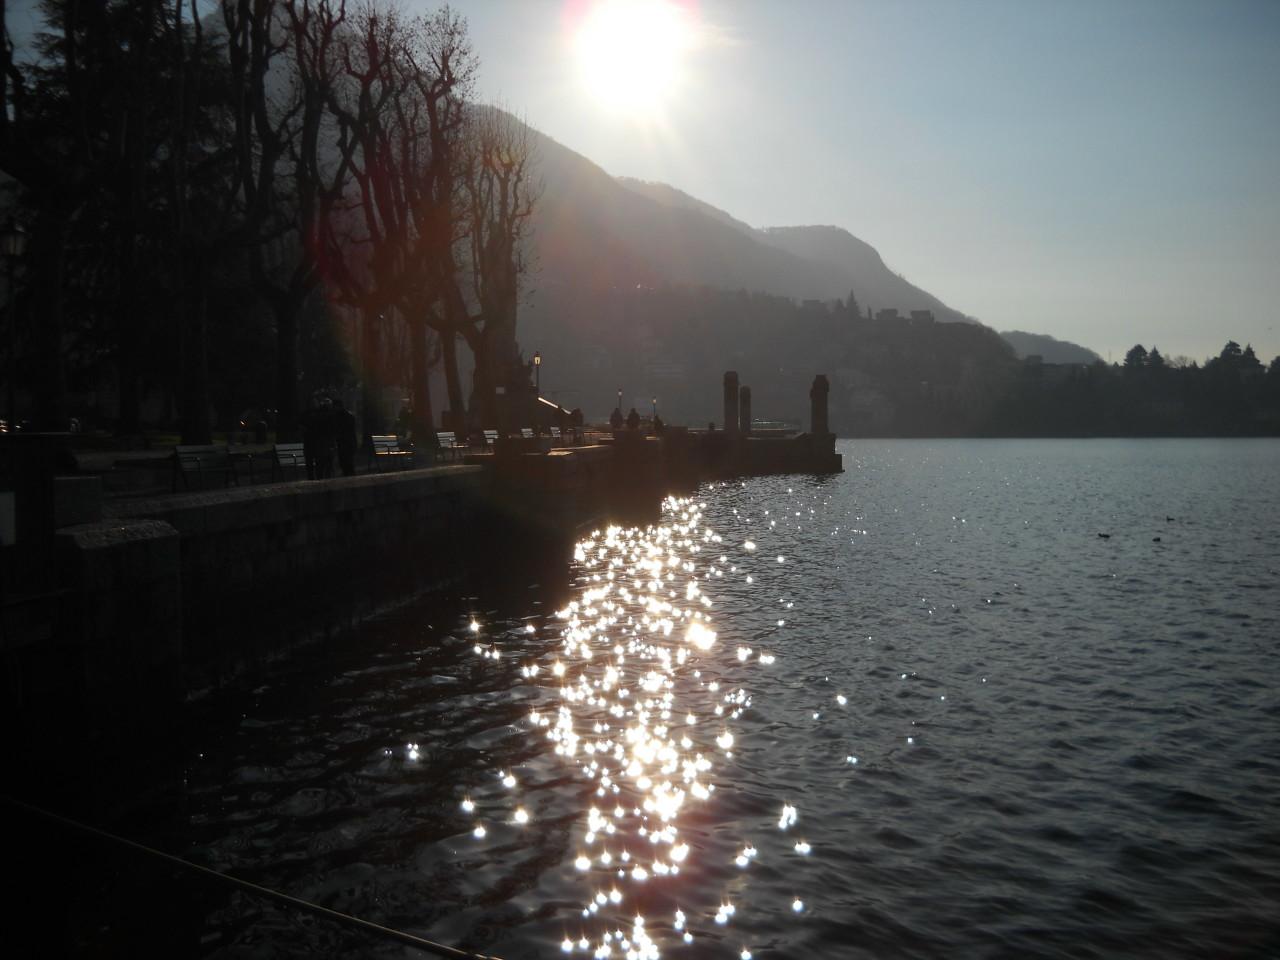 Scintillio.sul lago